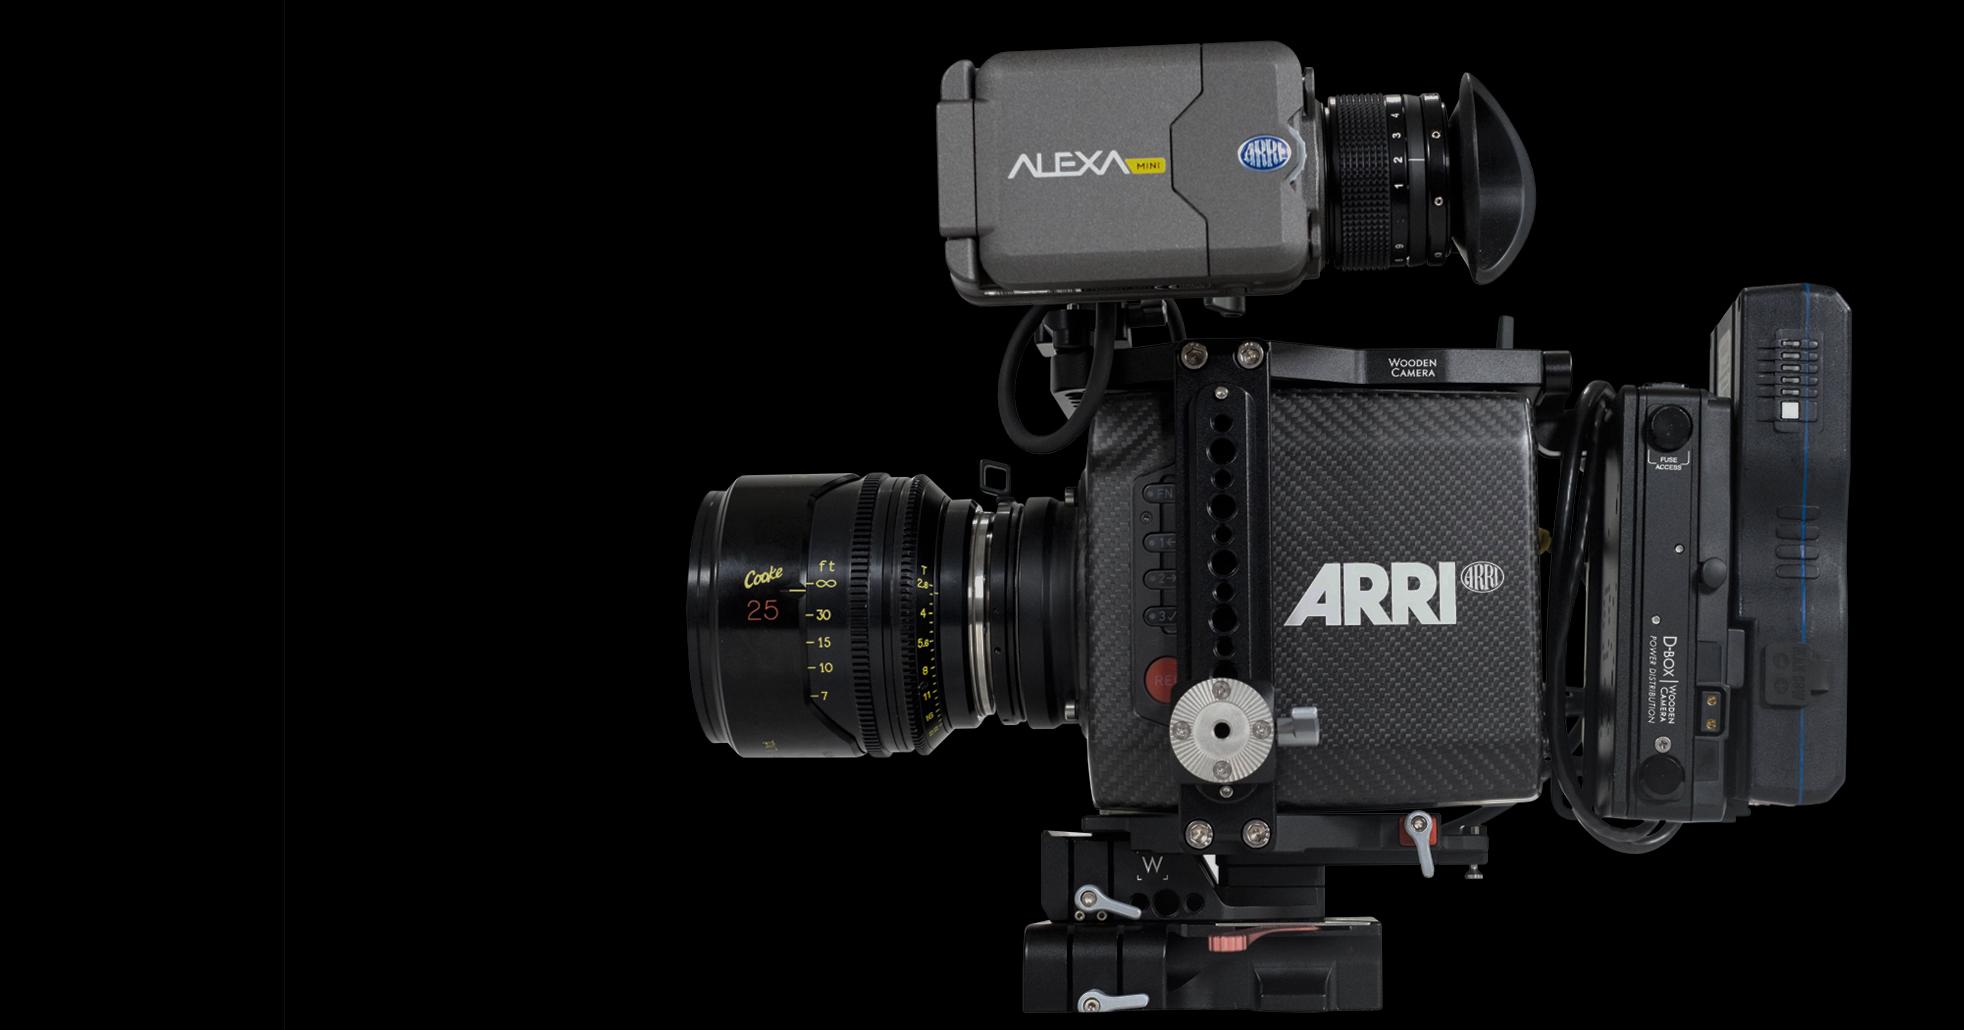 ARRI ALEXA MINI- 4K, HDR, HFR - ARRI RAW